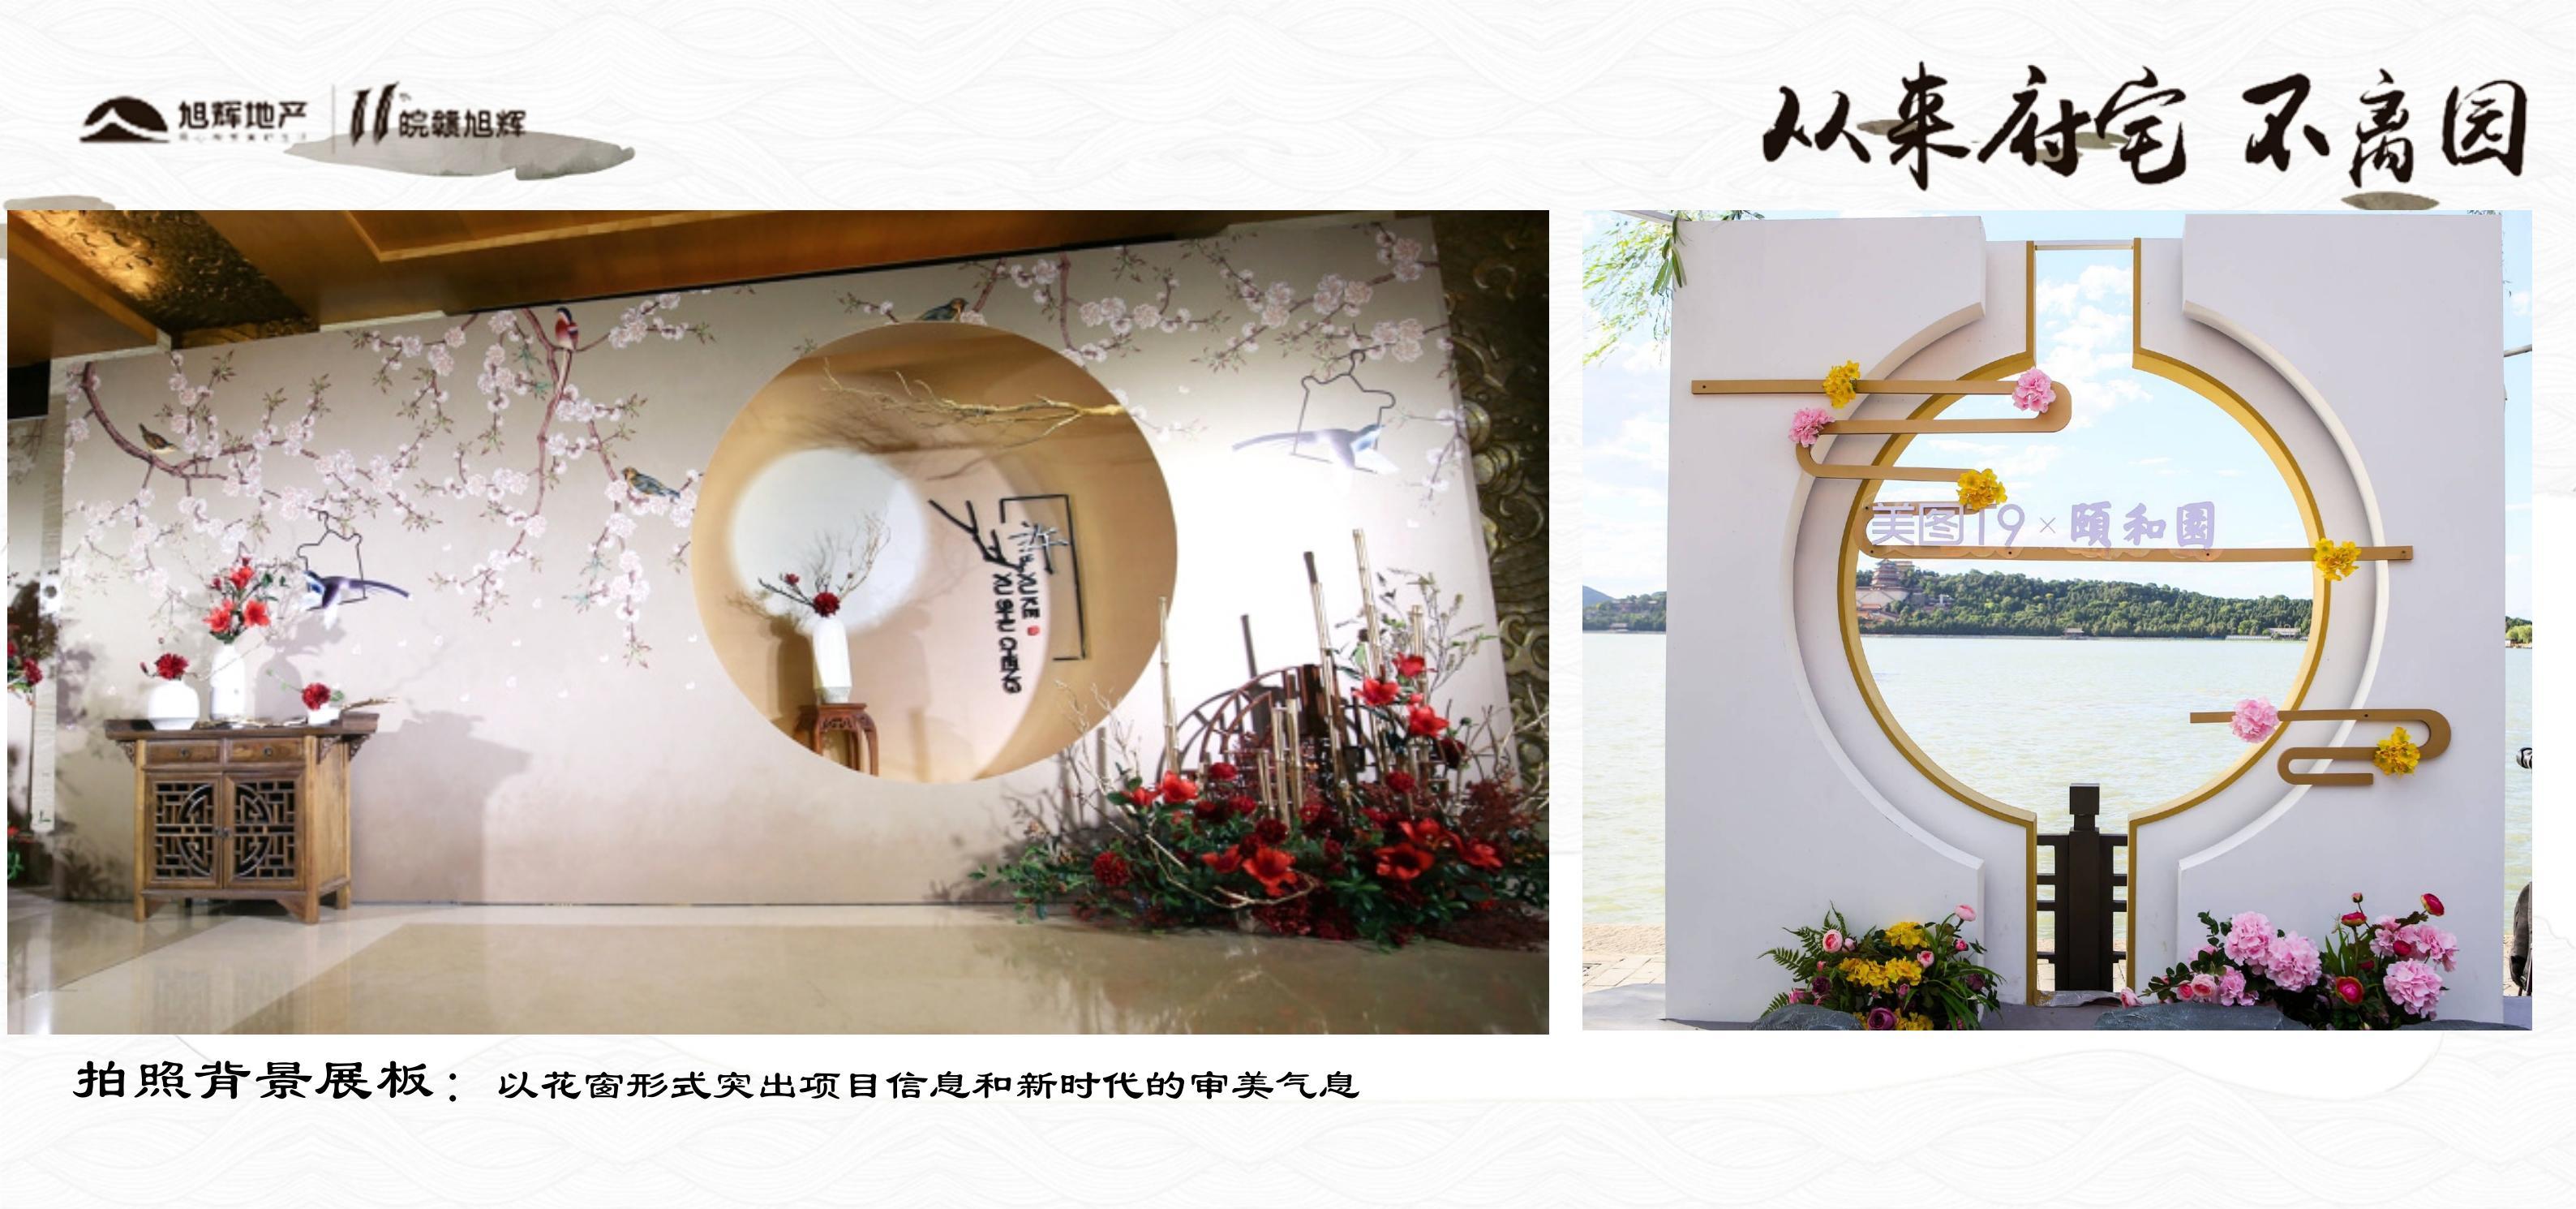 2018旭辉府园巡礼合肥站策划方案,通过活动展示项目品牌文化